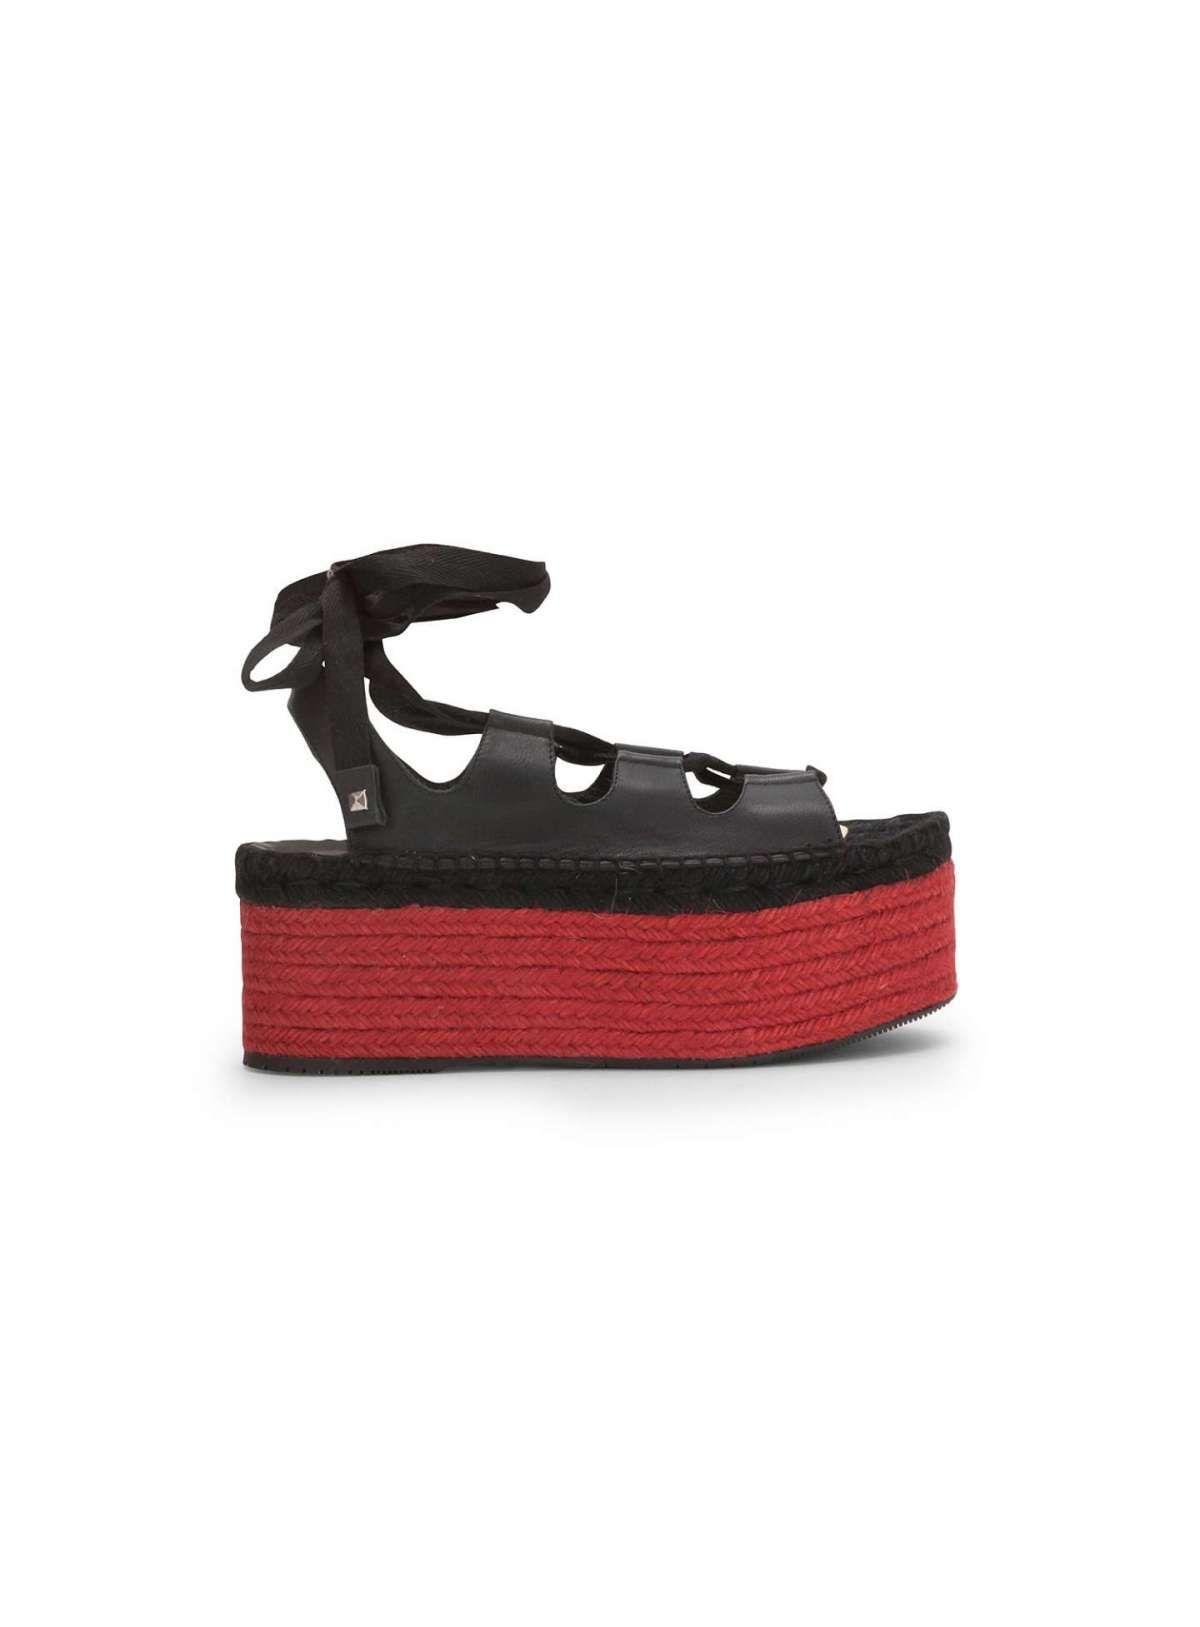 SANDALI CON SUOLA ROSSA Dalla collezione primavera estate 2017 di scarpe  Paloma Barcelò 7c226dbec49